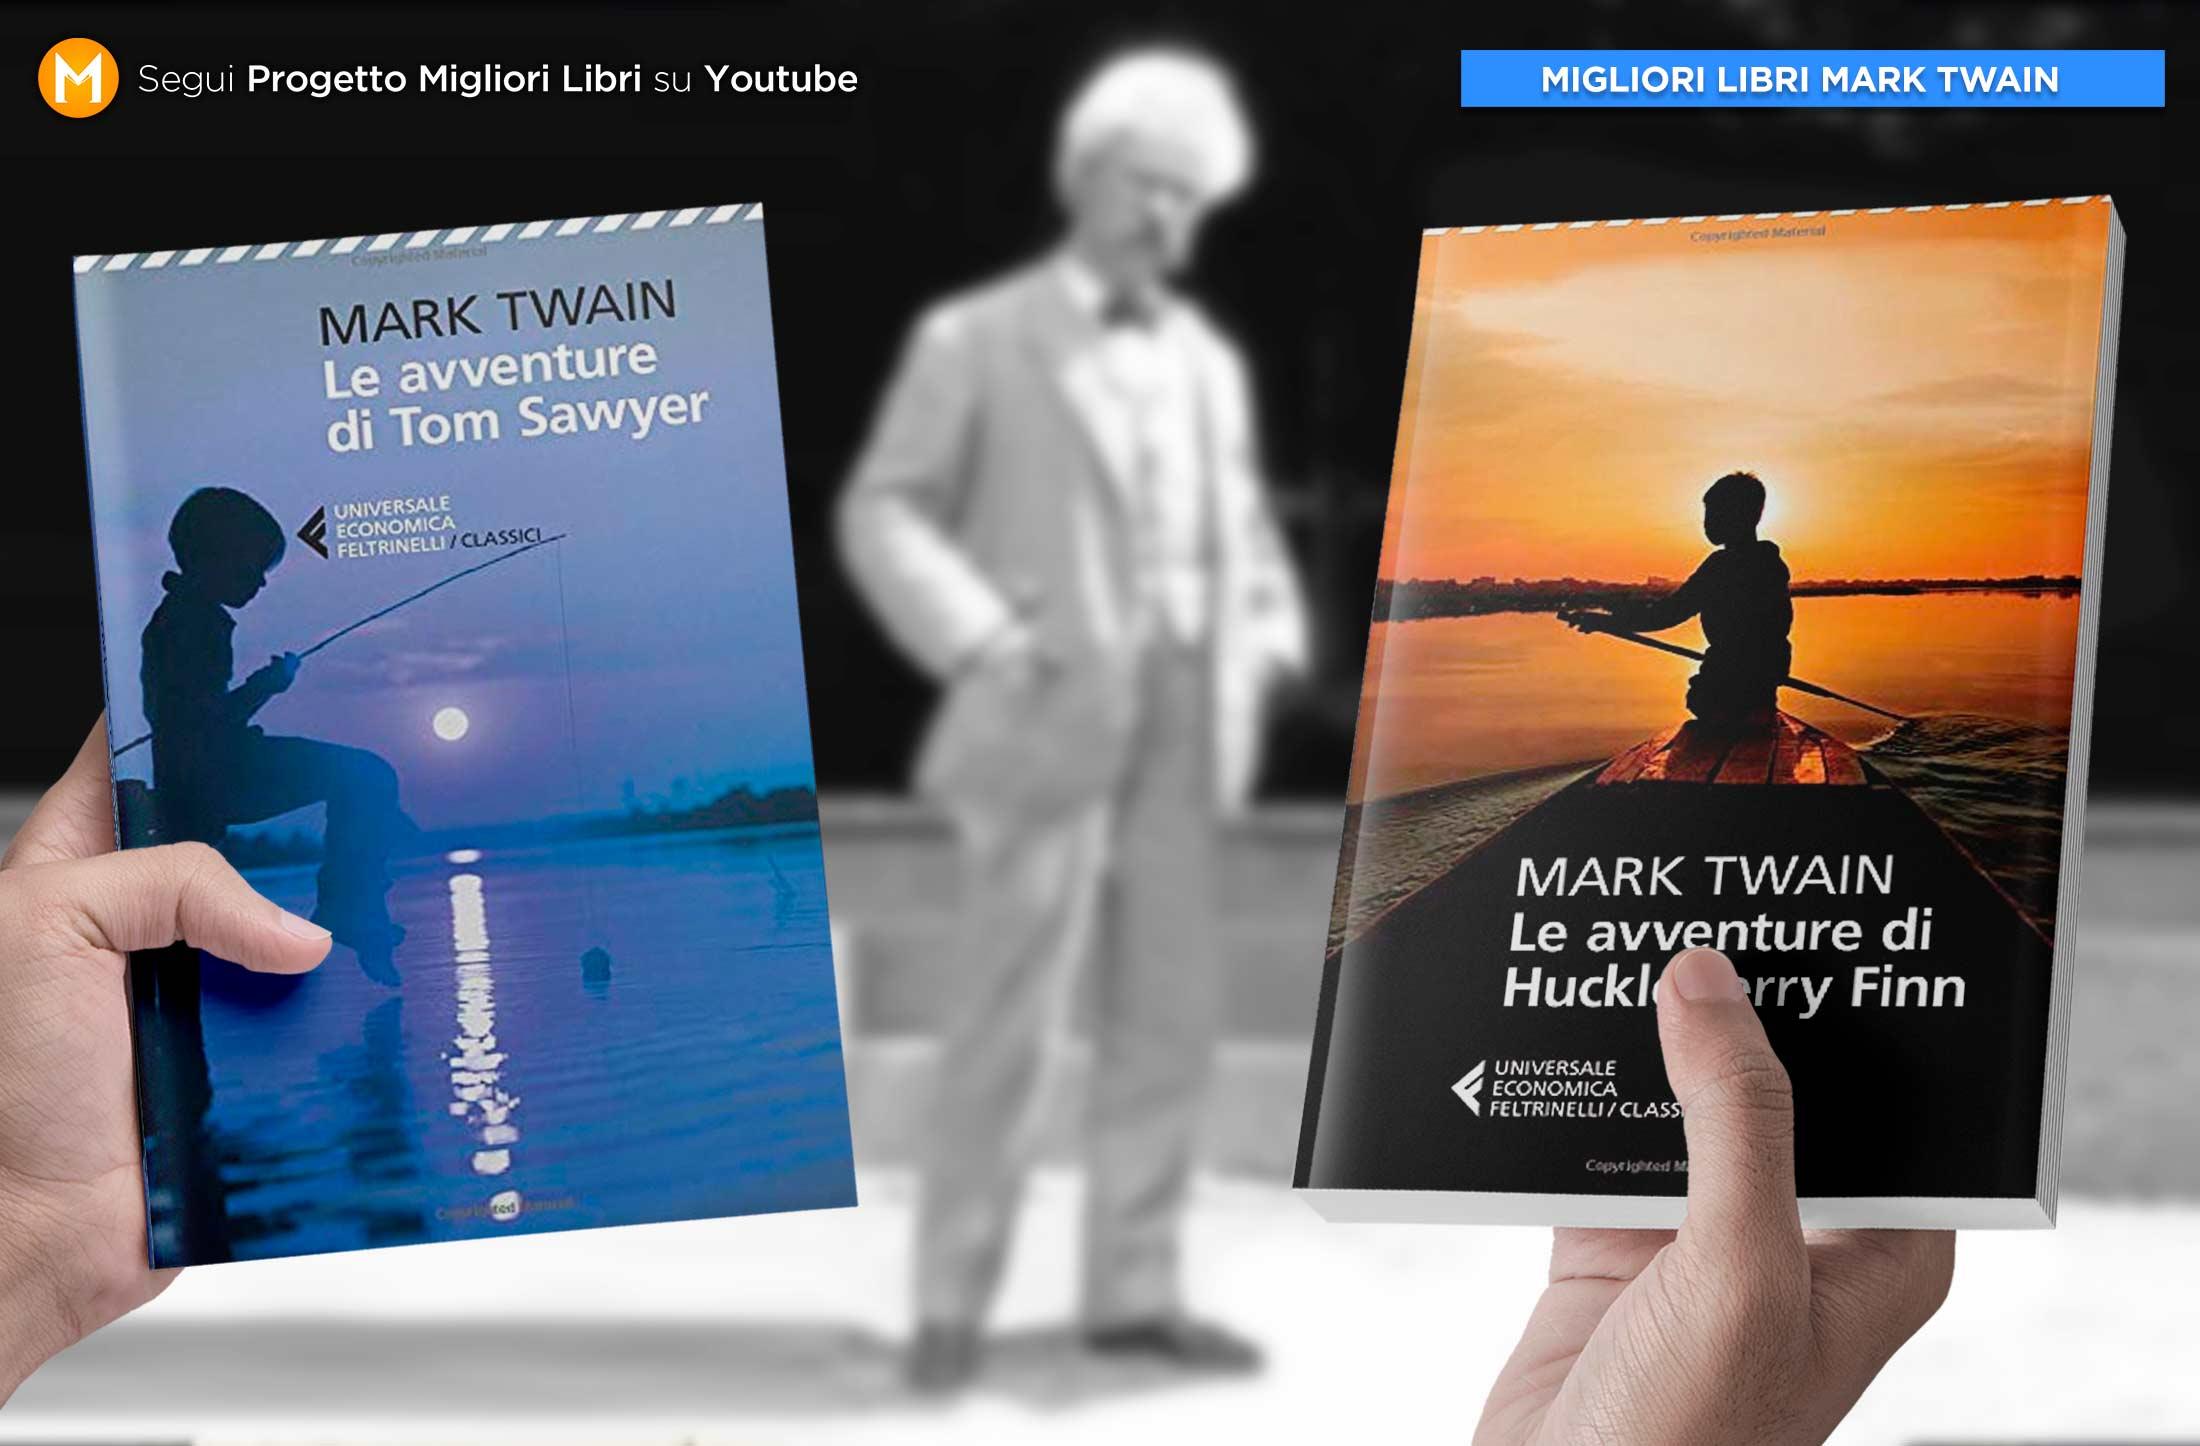 migliori-libri-mark-twain